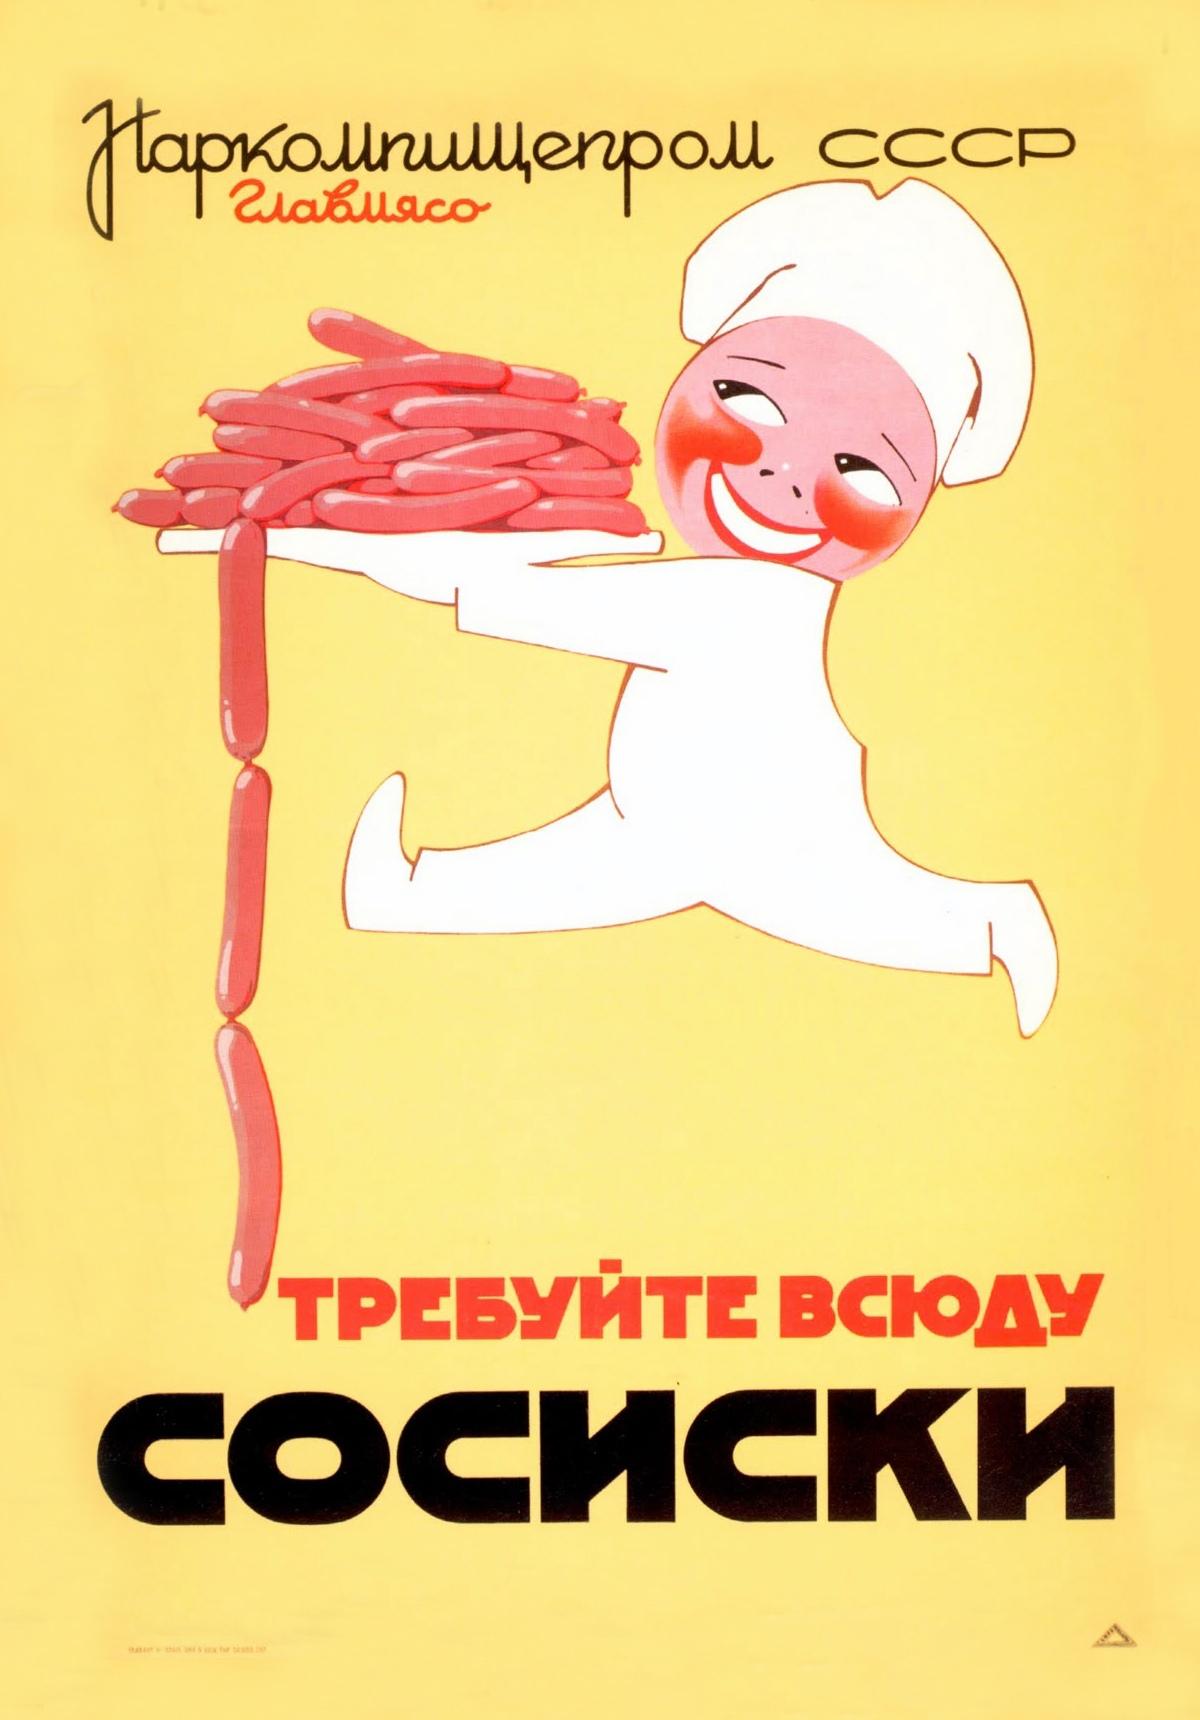 00 Unknown Artist. Demand Sausages Everywhere! 1937